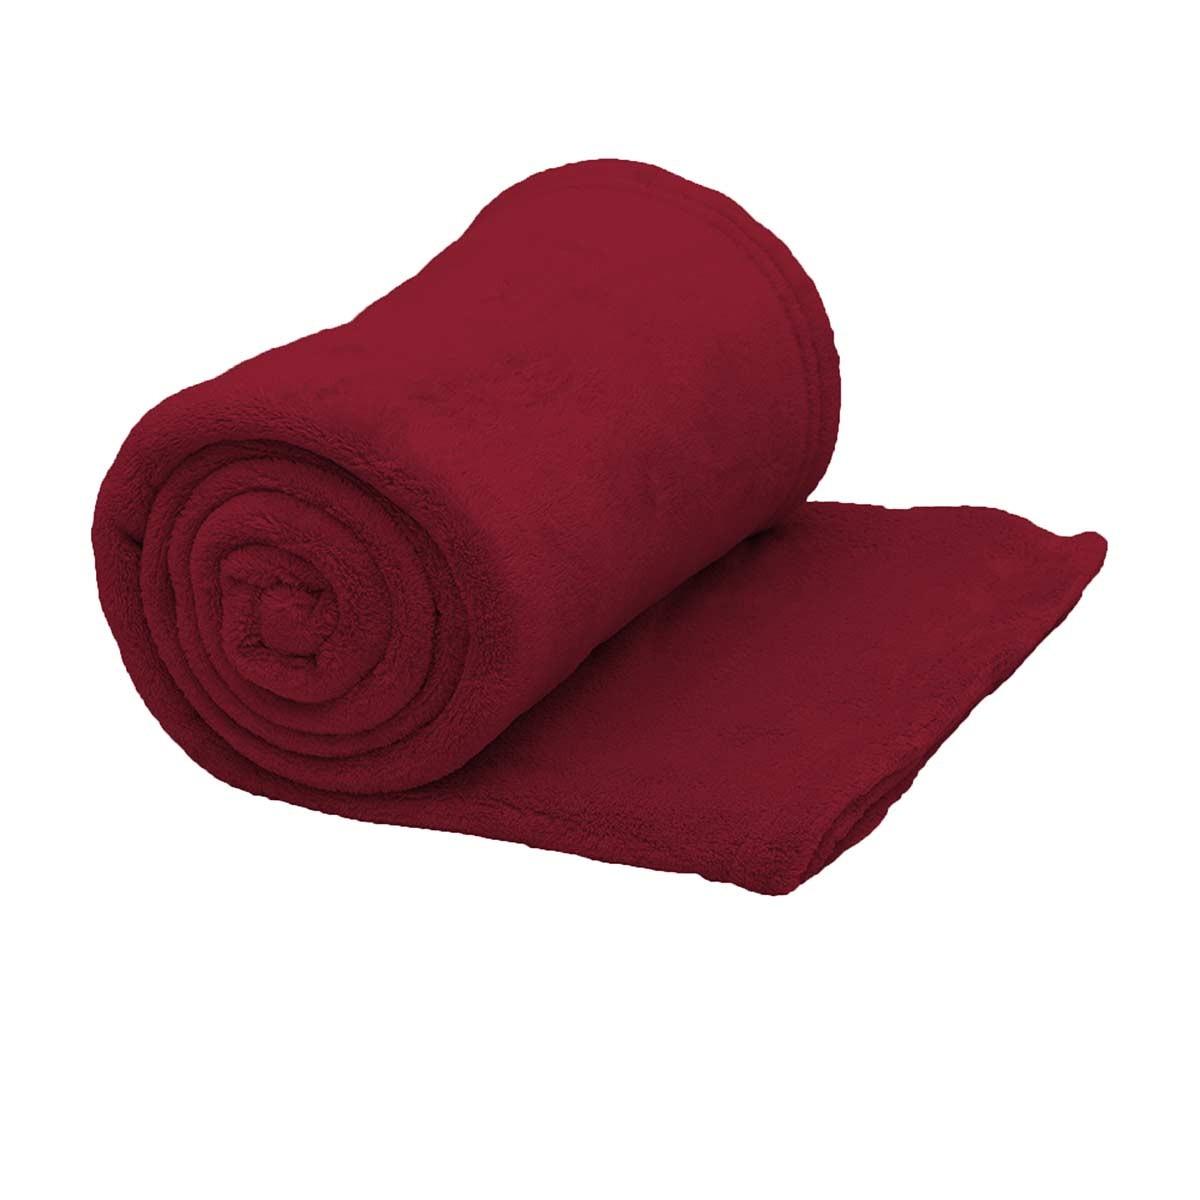 Κουβέρτα Fleece Υπέρδιπλη Viopros Μπορντώ